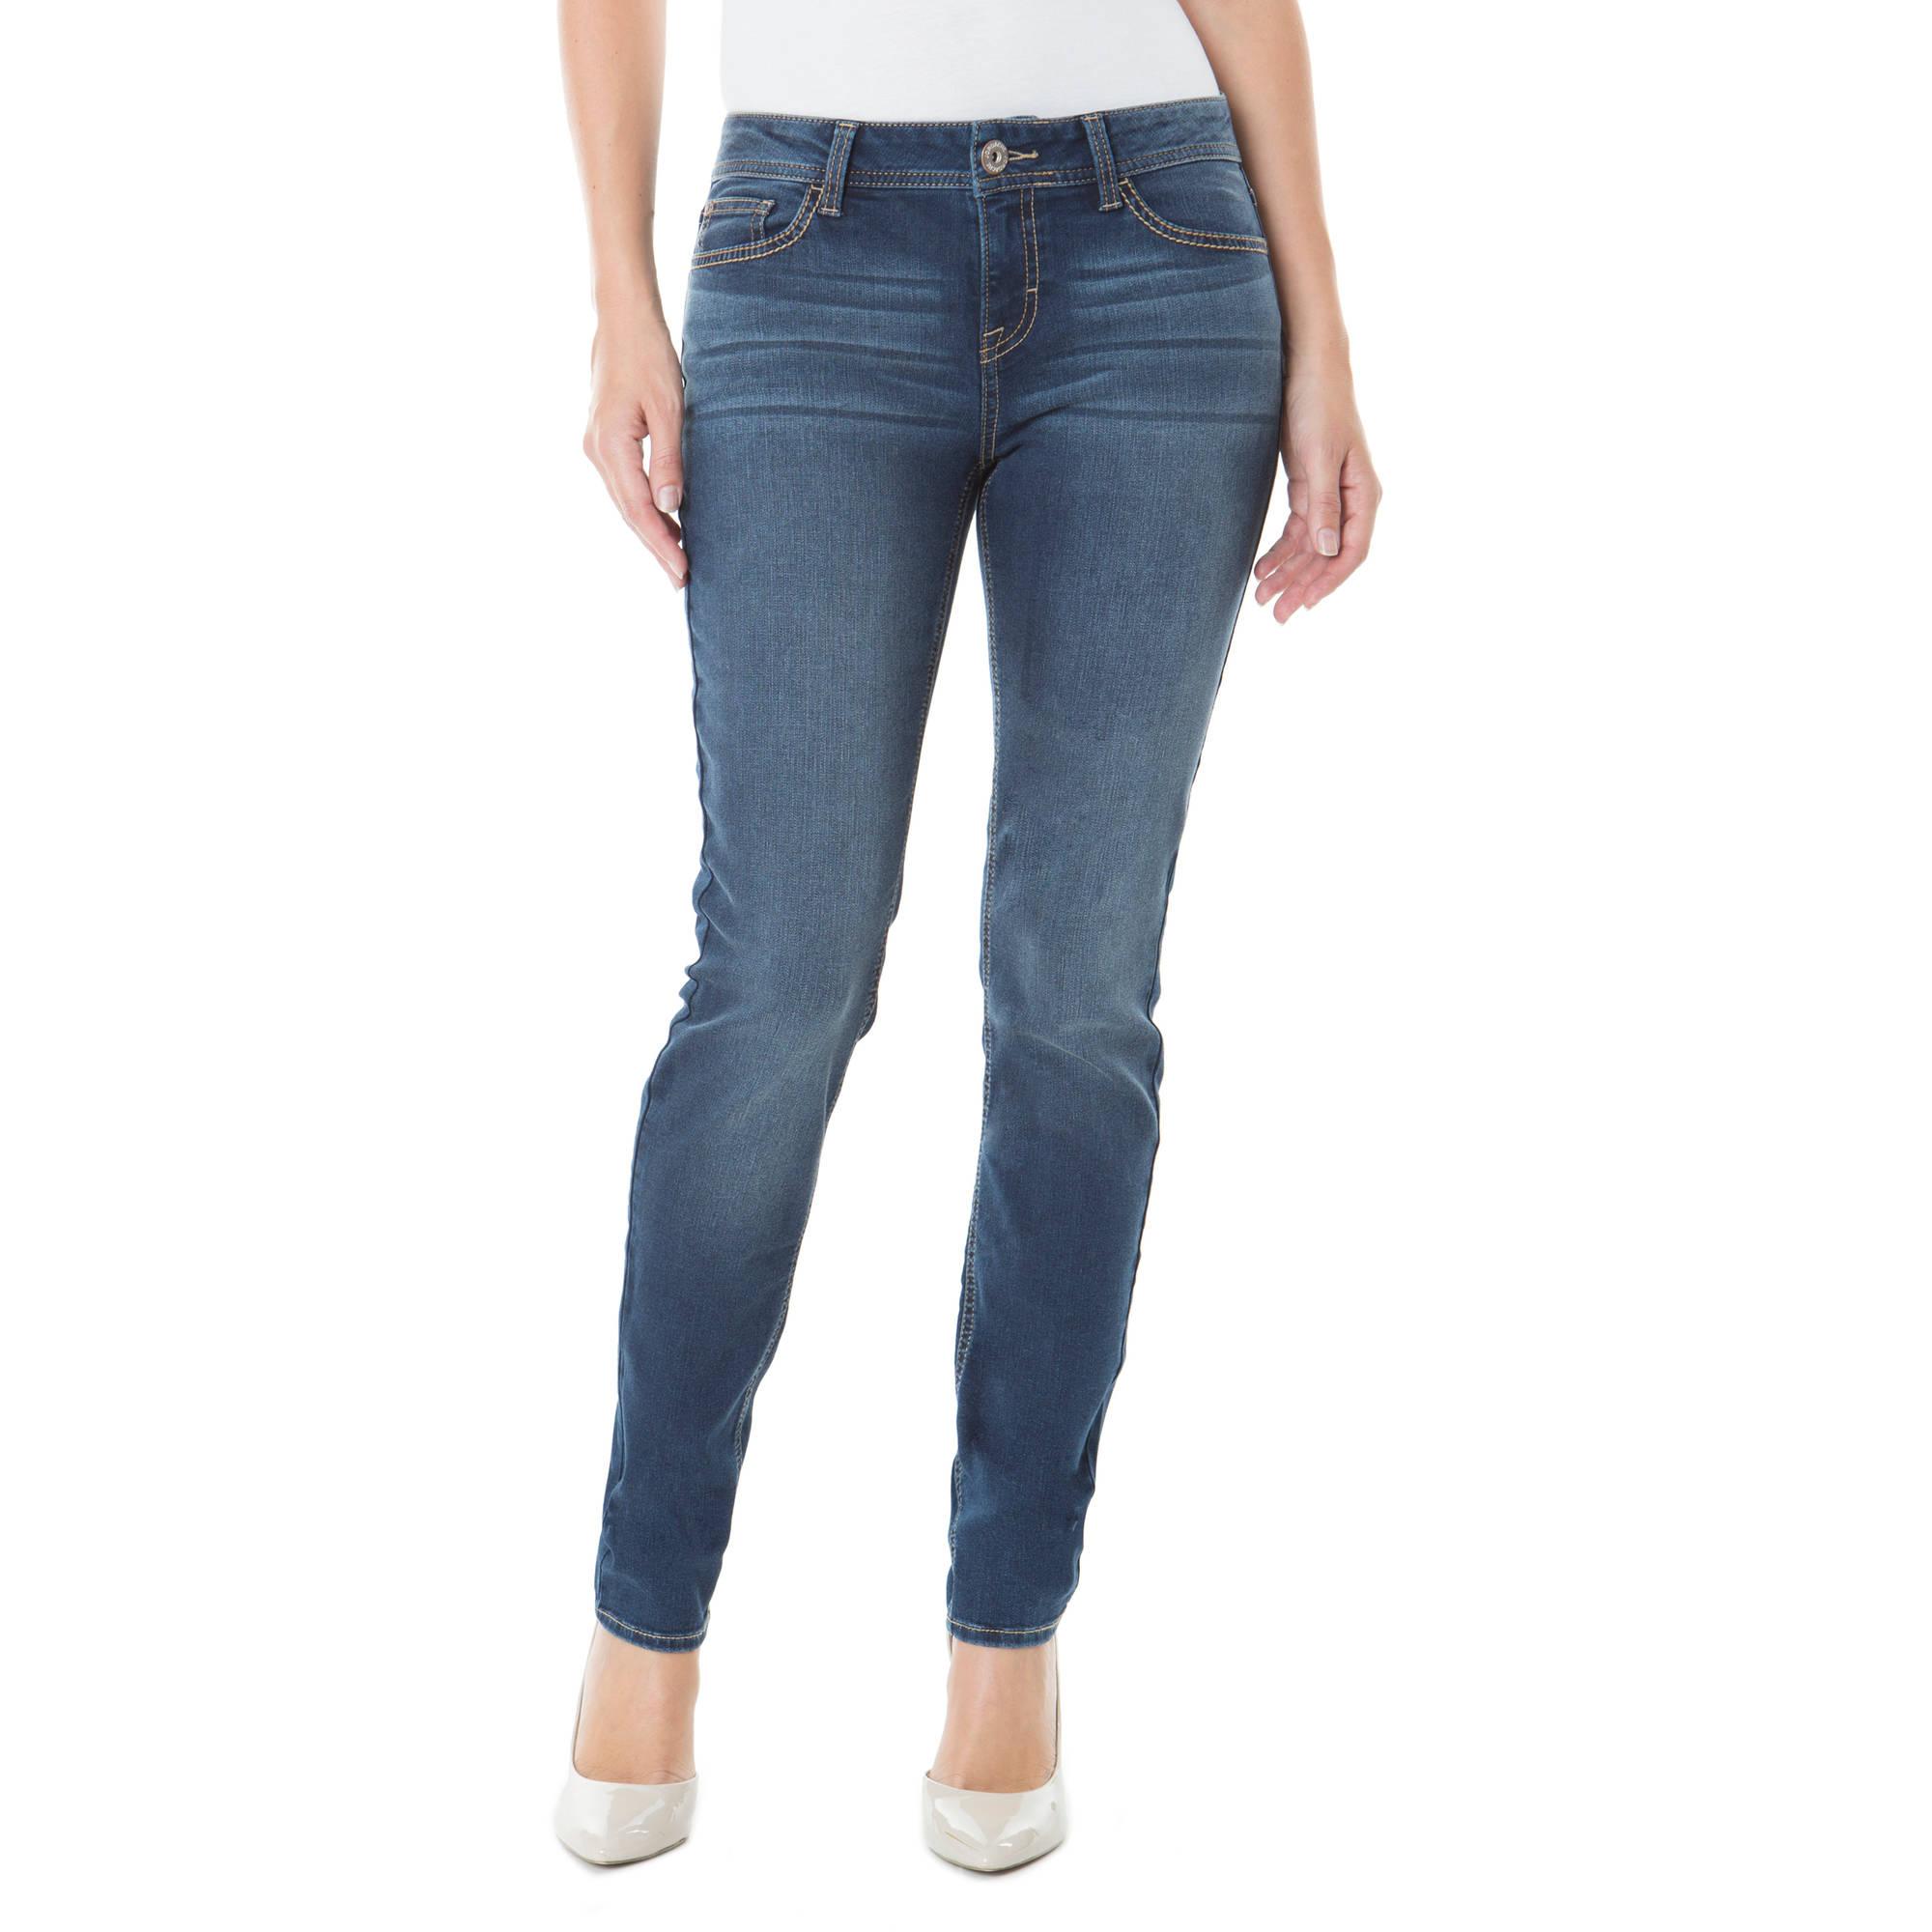 Jordache Women's Mid-Rise Skinny Jean